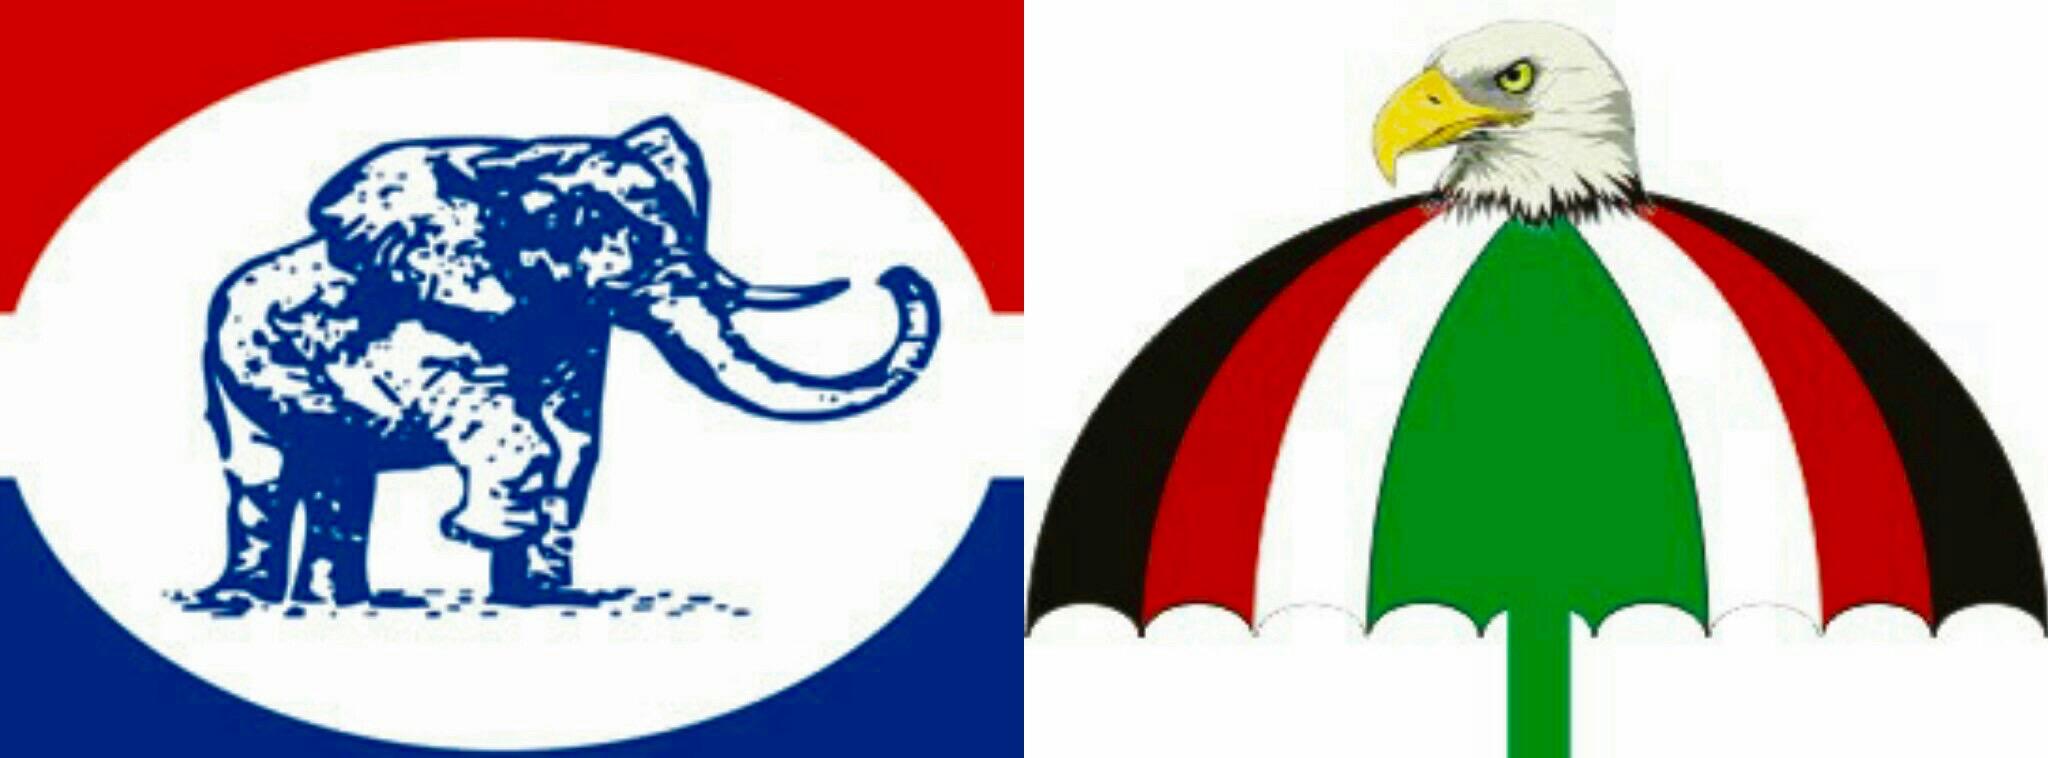 NPP, NDC fight over development in Afram Plains. 46